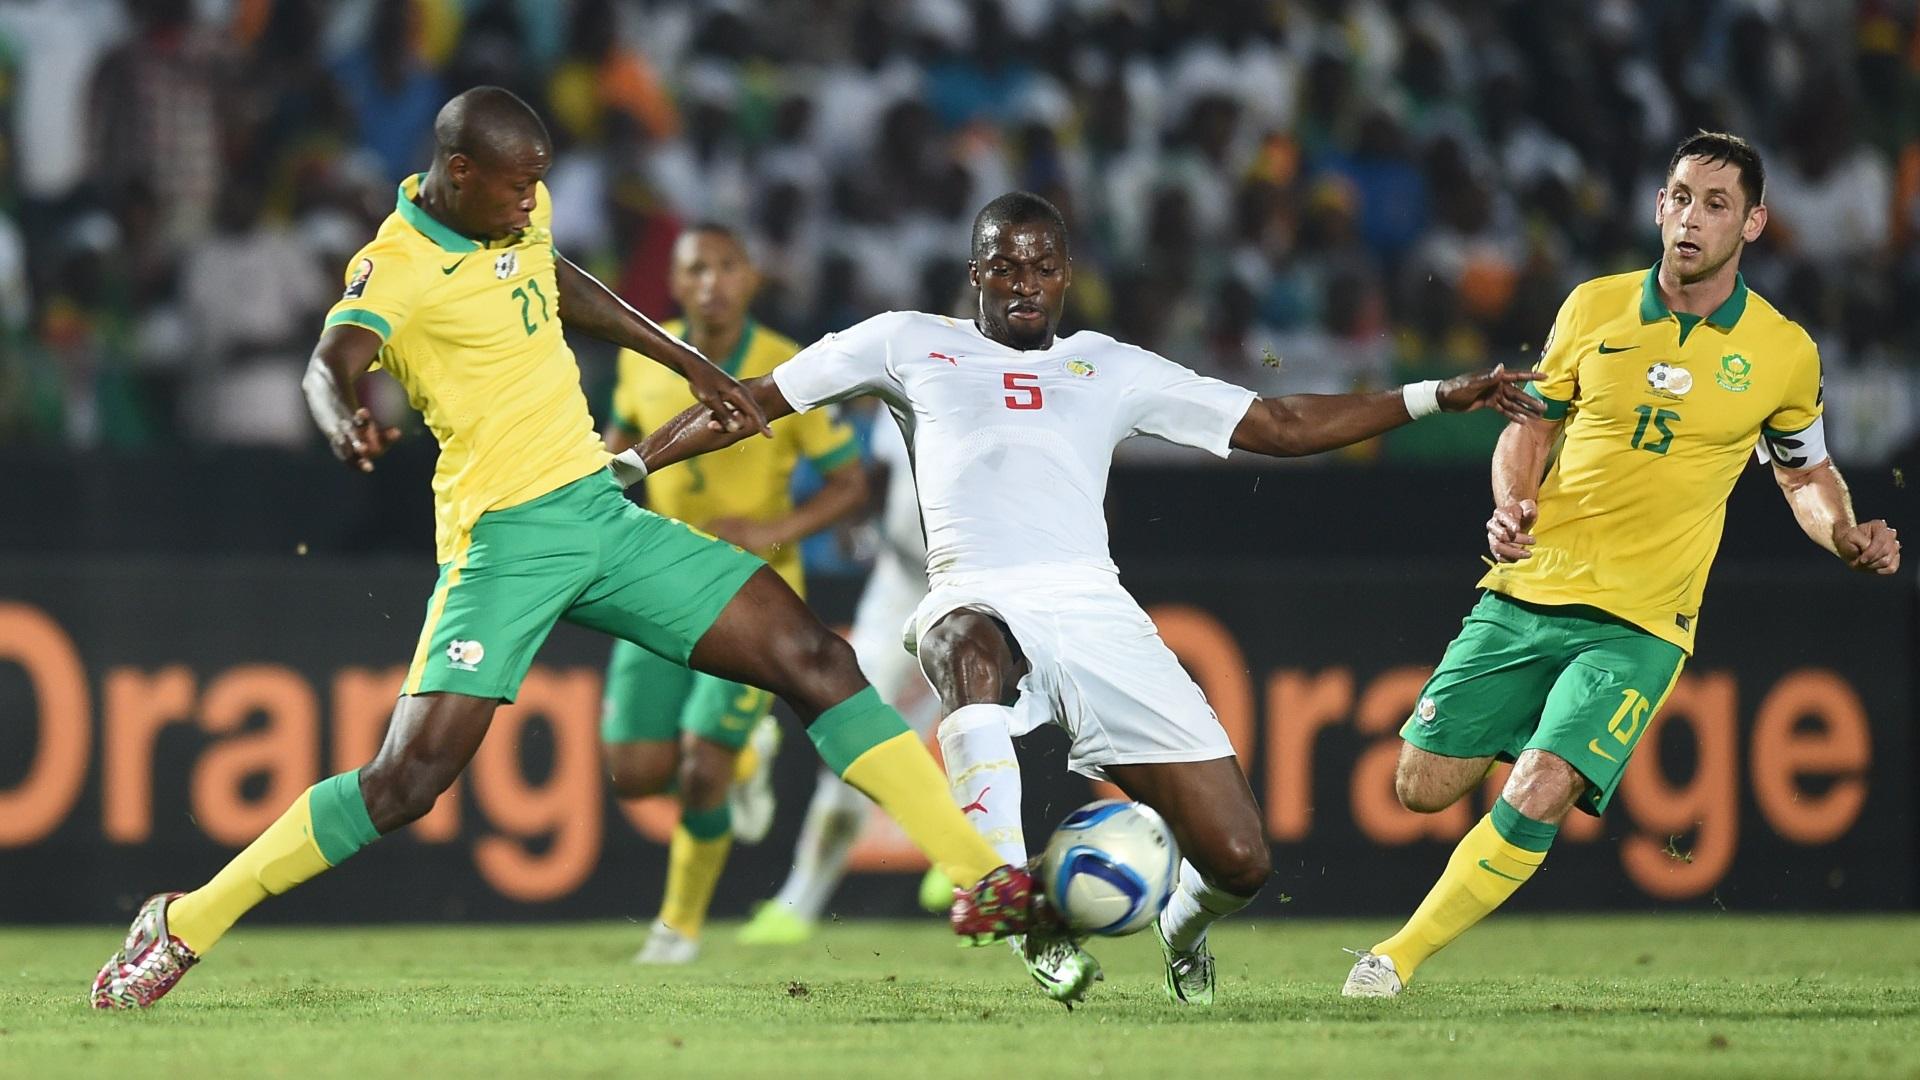 FIFA anula jogo entre África do Sul e Senegal por manipulação